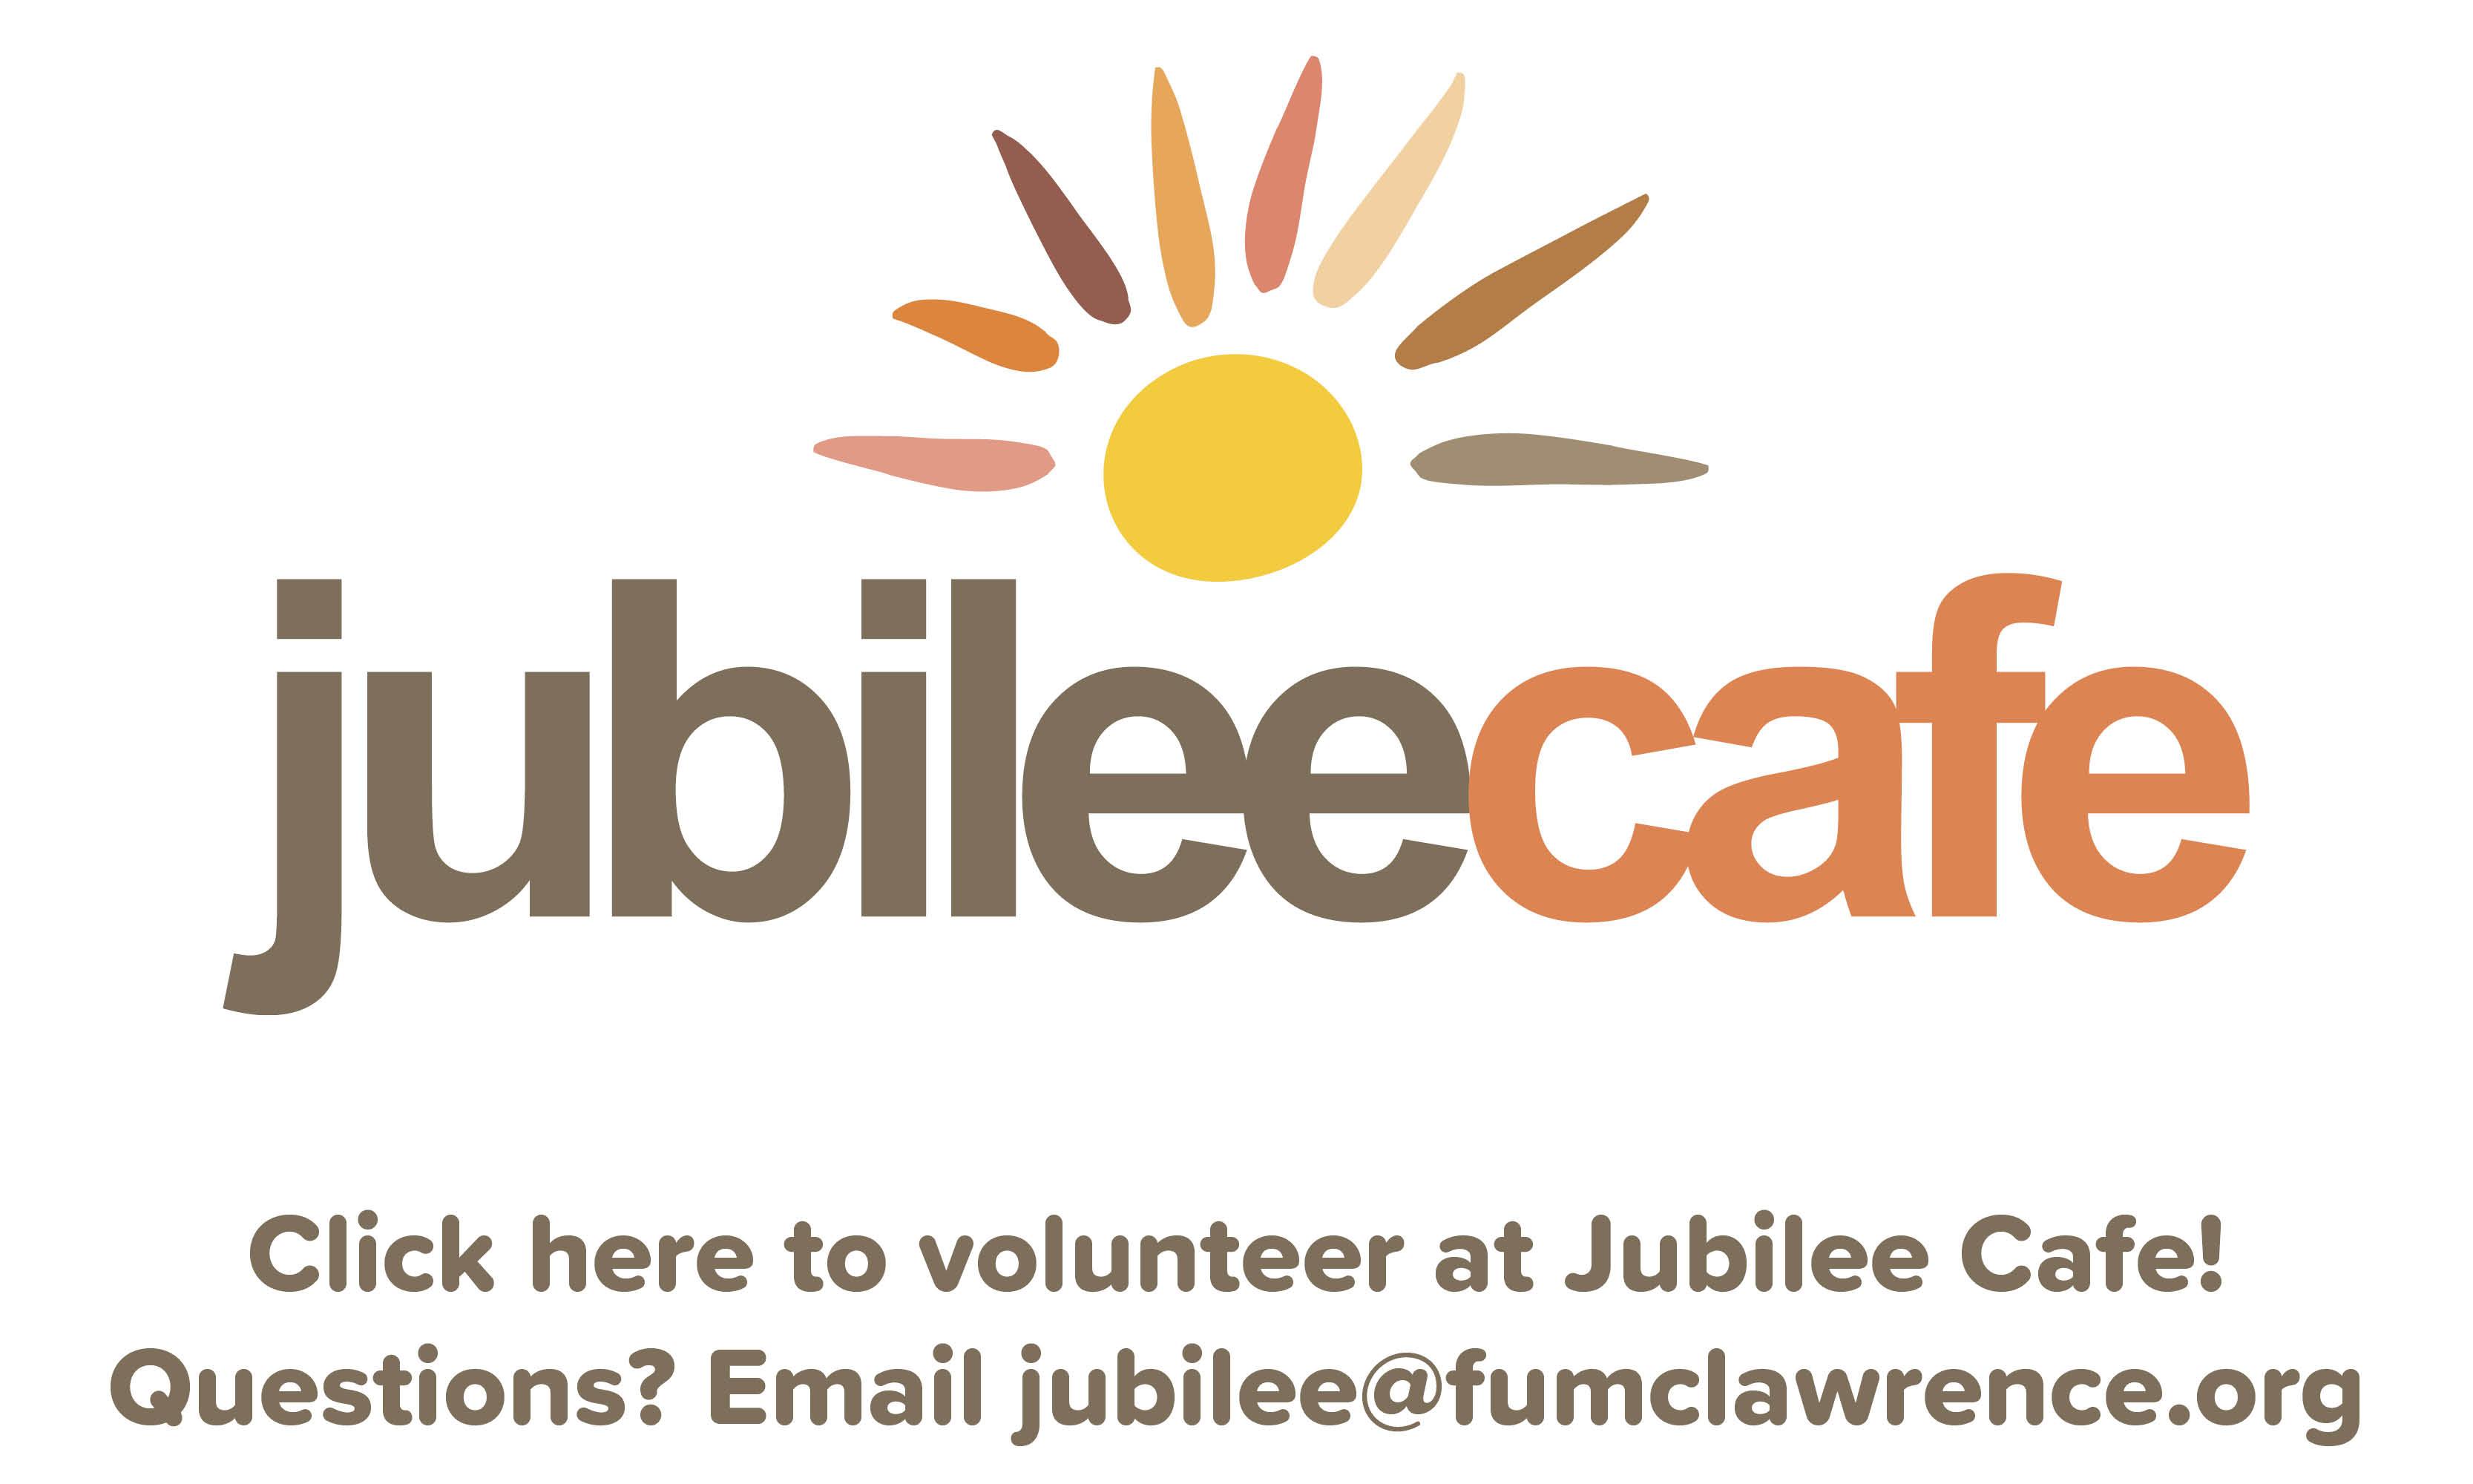 http://www.fumclawrence.org/wp-content/uploads/2017/09/jubileebanner.jpg